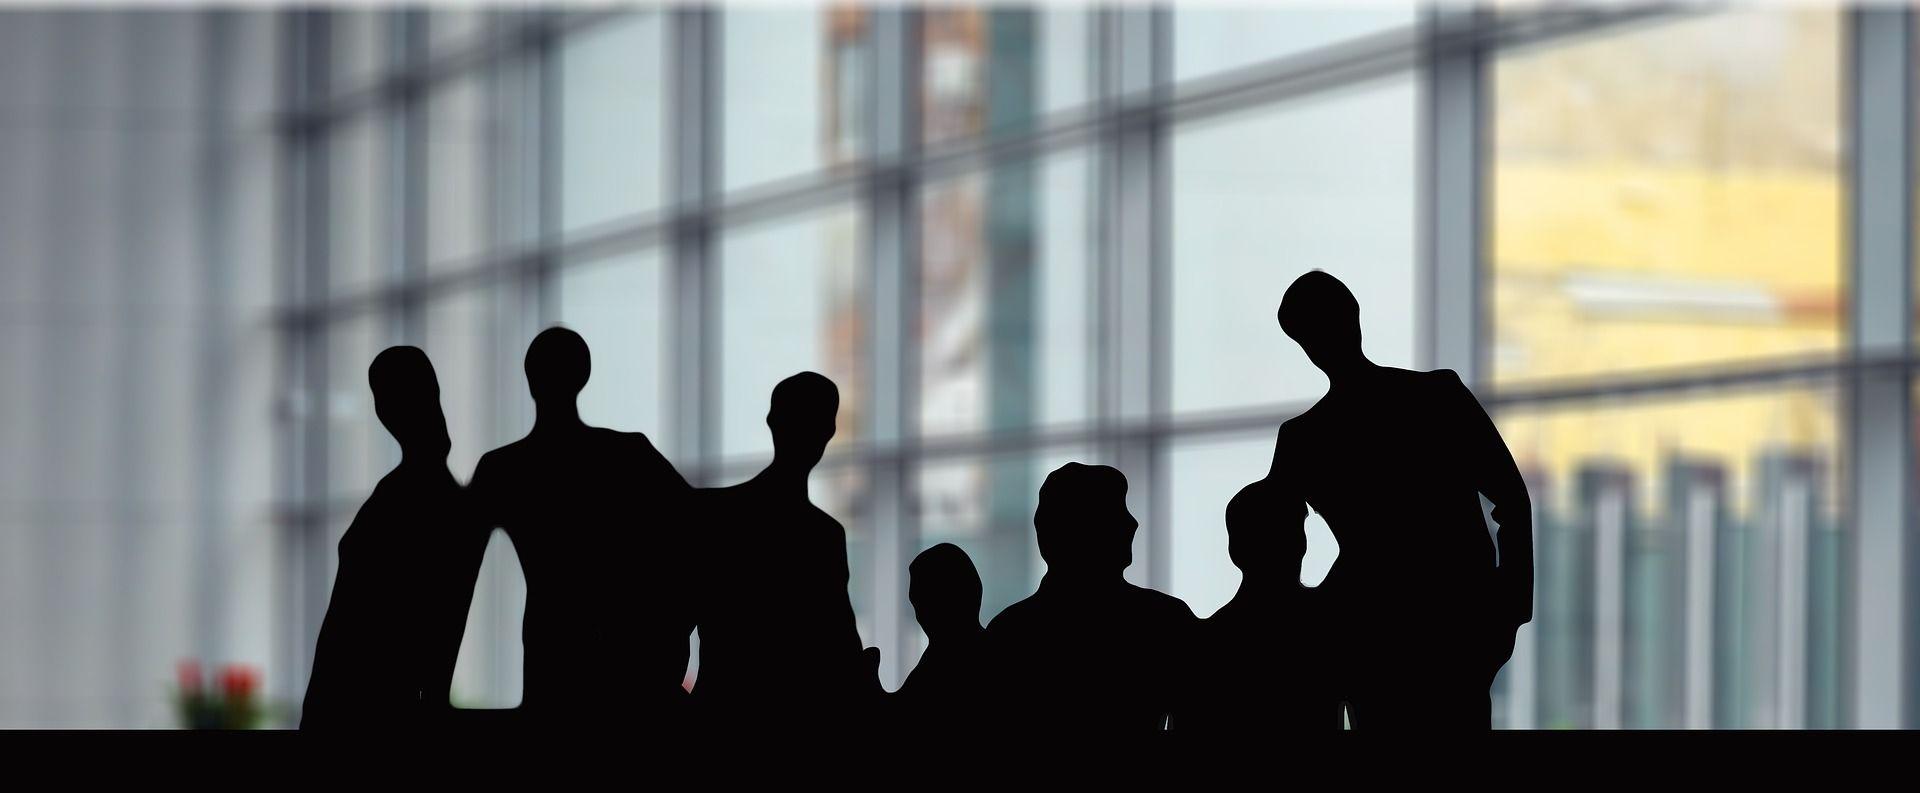 Skuteczna komunikacja grupowa - dlaczego ma znaczenie?